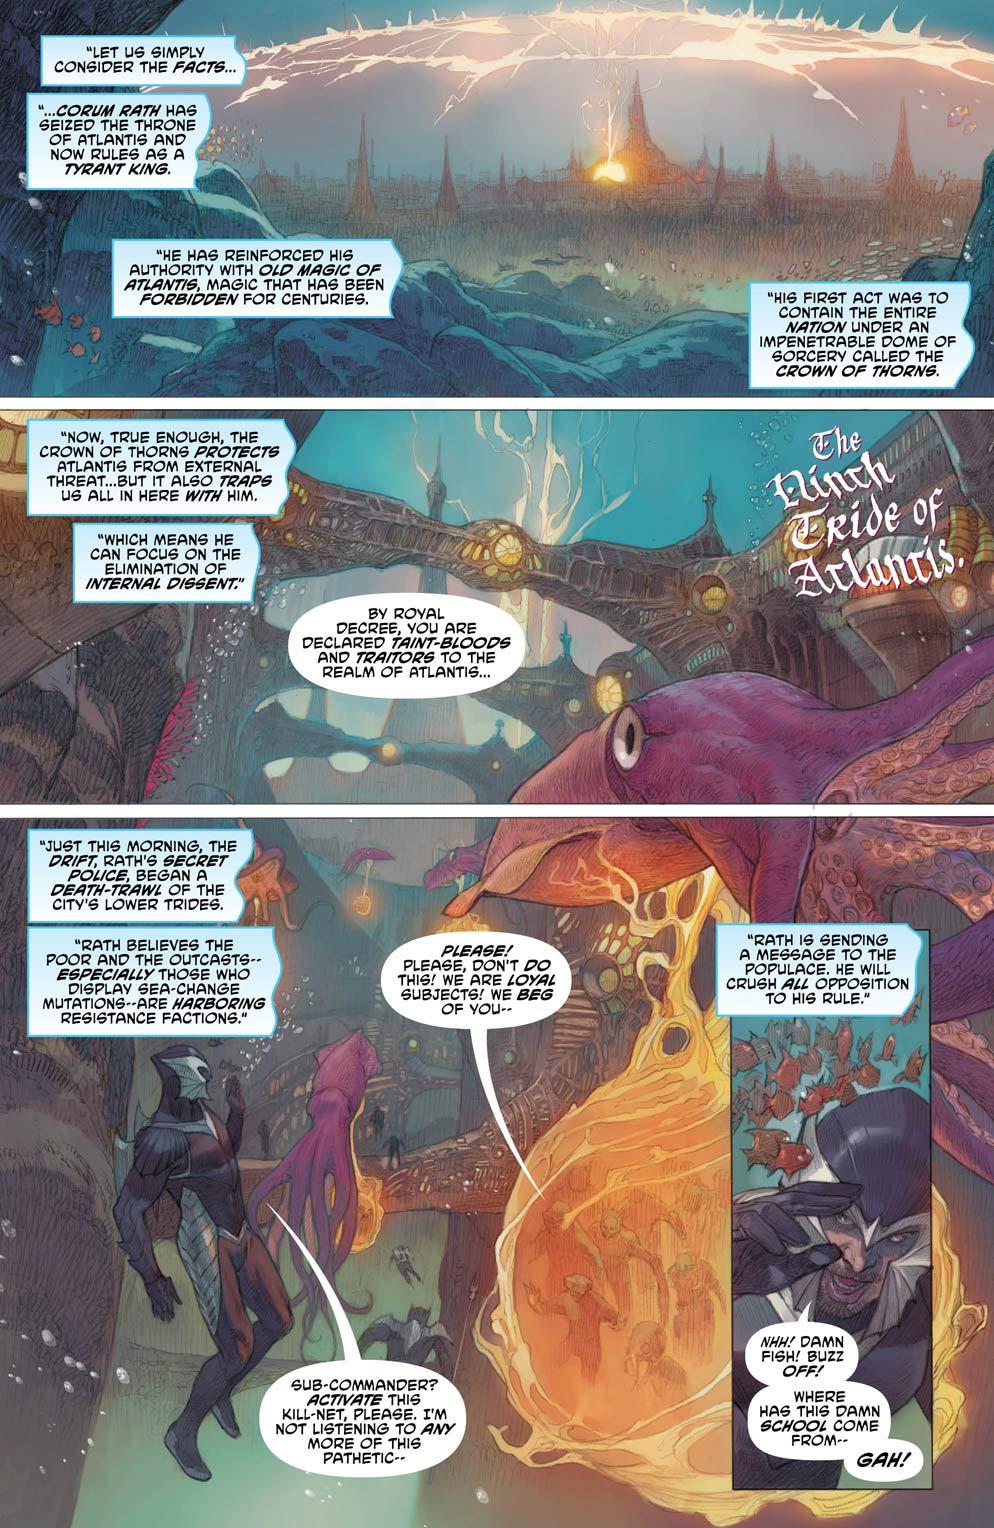 Aquaman 31_1 - DC Comics New